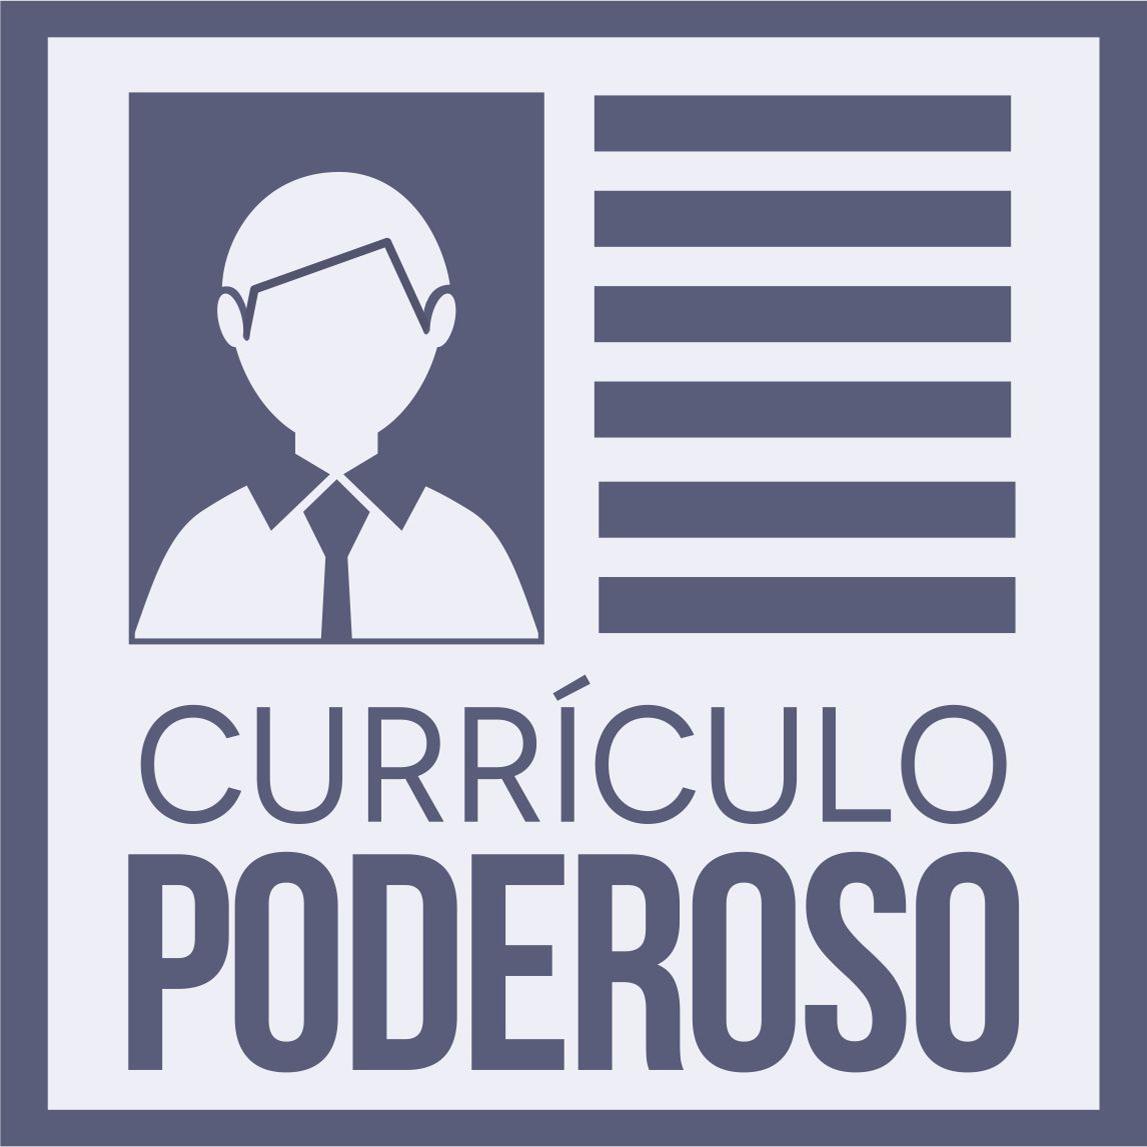 Logo 17 - Curriculo Poderoso